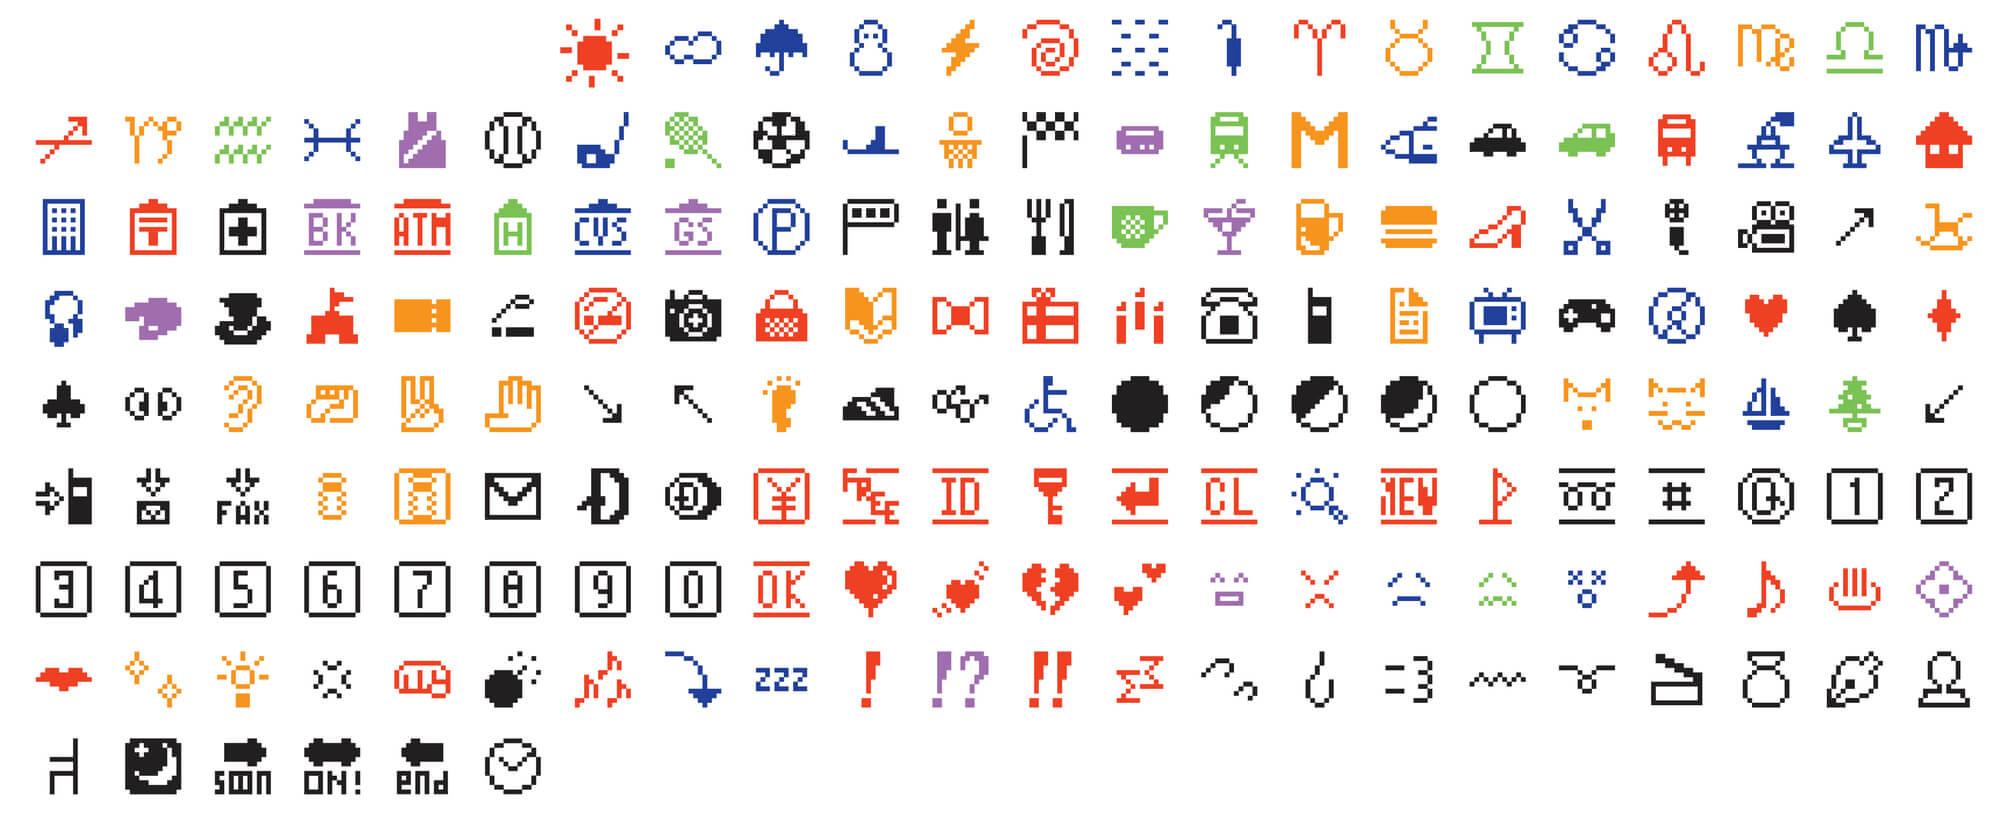 Primeros emojis creados